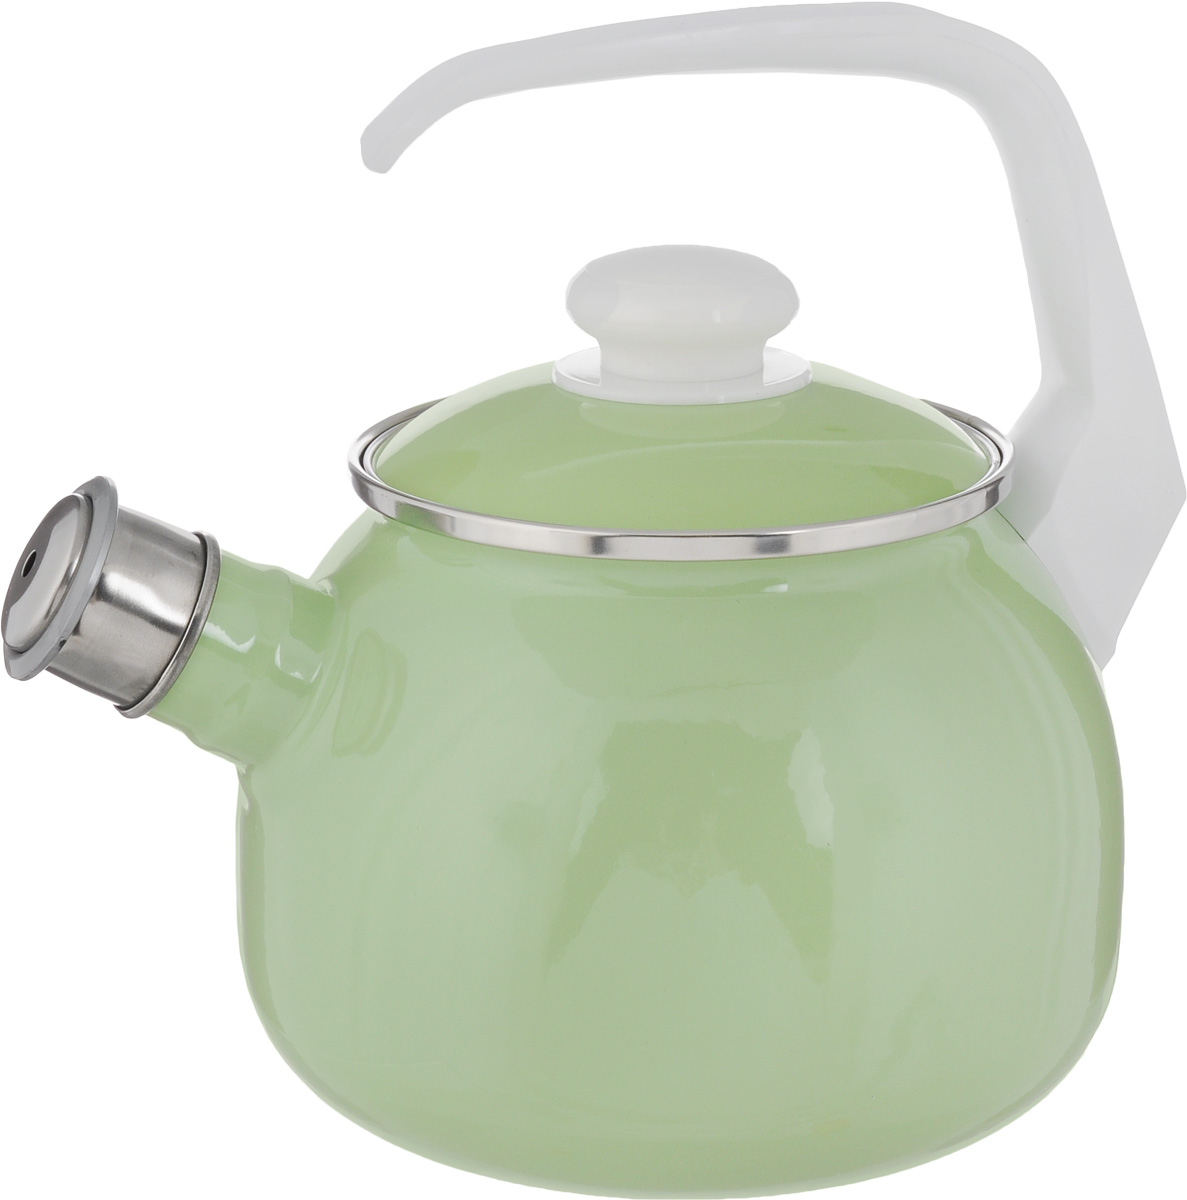 Чайник Elros Green Apple, со свистком, цвет: зеленый, 2,5 л391602Чайник Elros Green Apple изготовлен из высококачественной нержавеющей стали с эмалированным покрытием. Нержавеющая сталь обладает высокой устойчивостью к коррозии, не вступает в реакцию с холодными и горячими продуктами и полностью сохраняет их вкусовые качества. Особая конструкция дна способствует высокой теплопроводности и равномерному распределению тепла. Чайник оснащен удобной ручкой. Носик чайника имеет снимающийся свисток, звуковой сигнал которого подскажет, когда закипит вода. Подходит для всех типов плит, включая индукционные. Можно мыть в посудомоечной машине.Диаметр чайника (по верхнему краю): 12,5 см.Высота чайника (без учета ручки и крышки): 13 см.Высота чайника (с учетом ручки): 23 см.